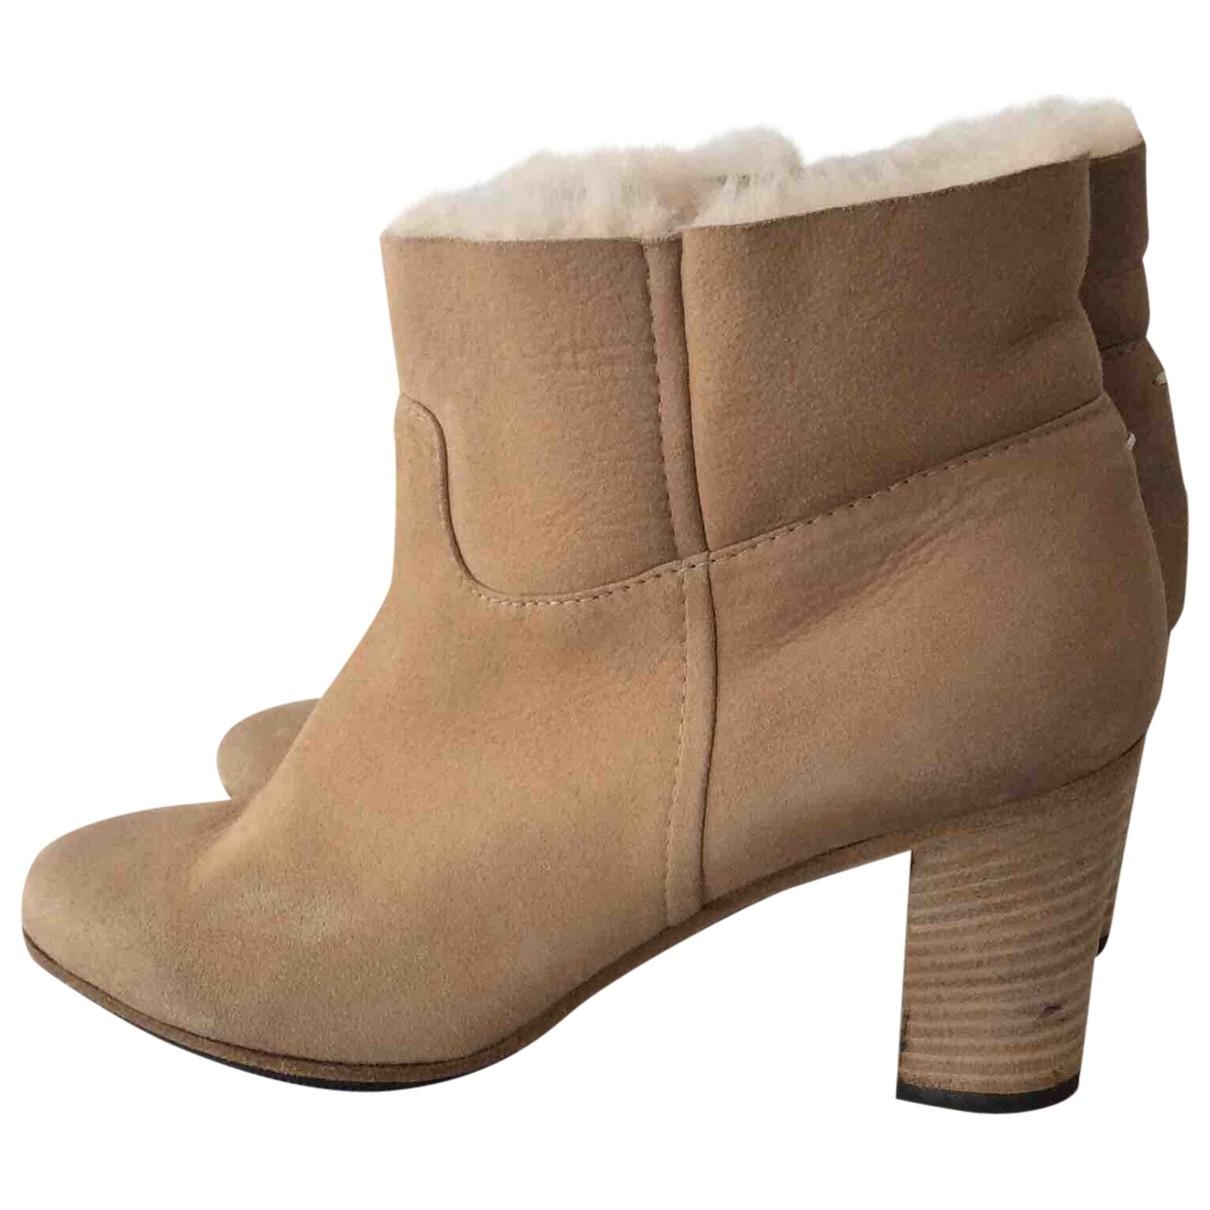 Maison Martin Margiela - Boots   pour femme en mouton - beige